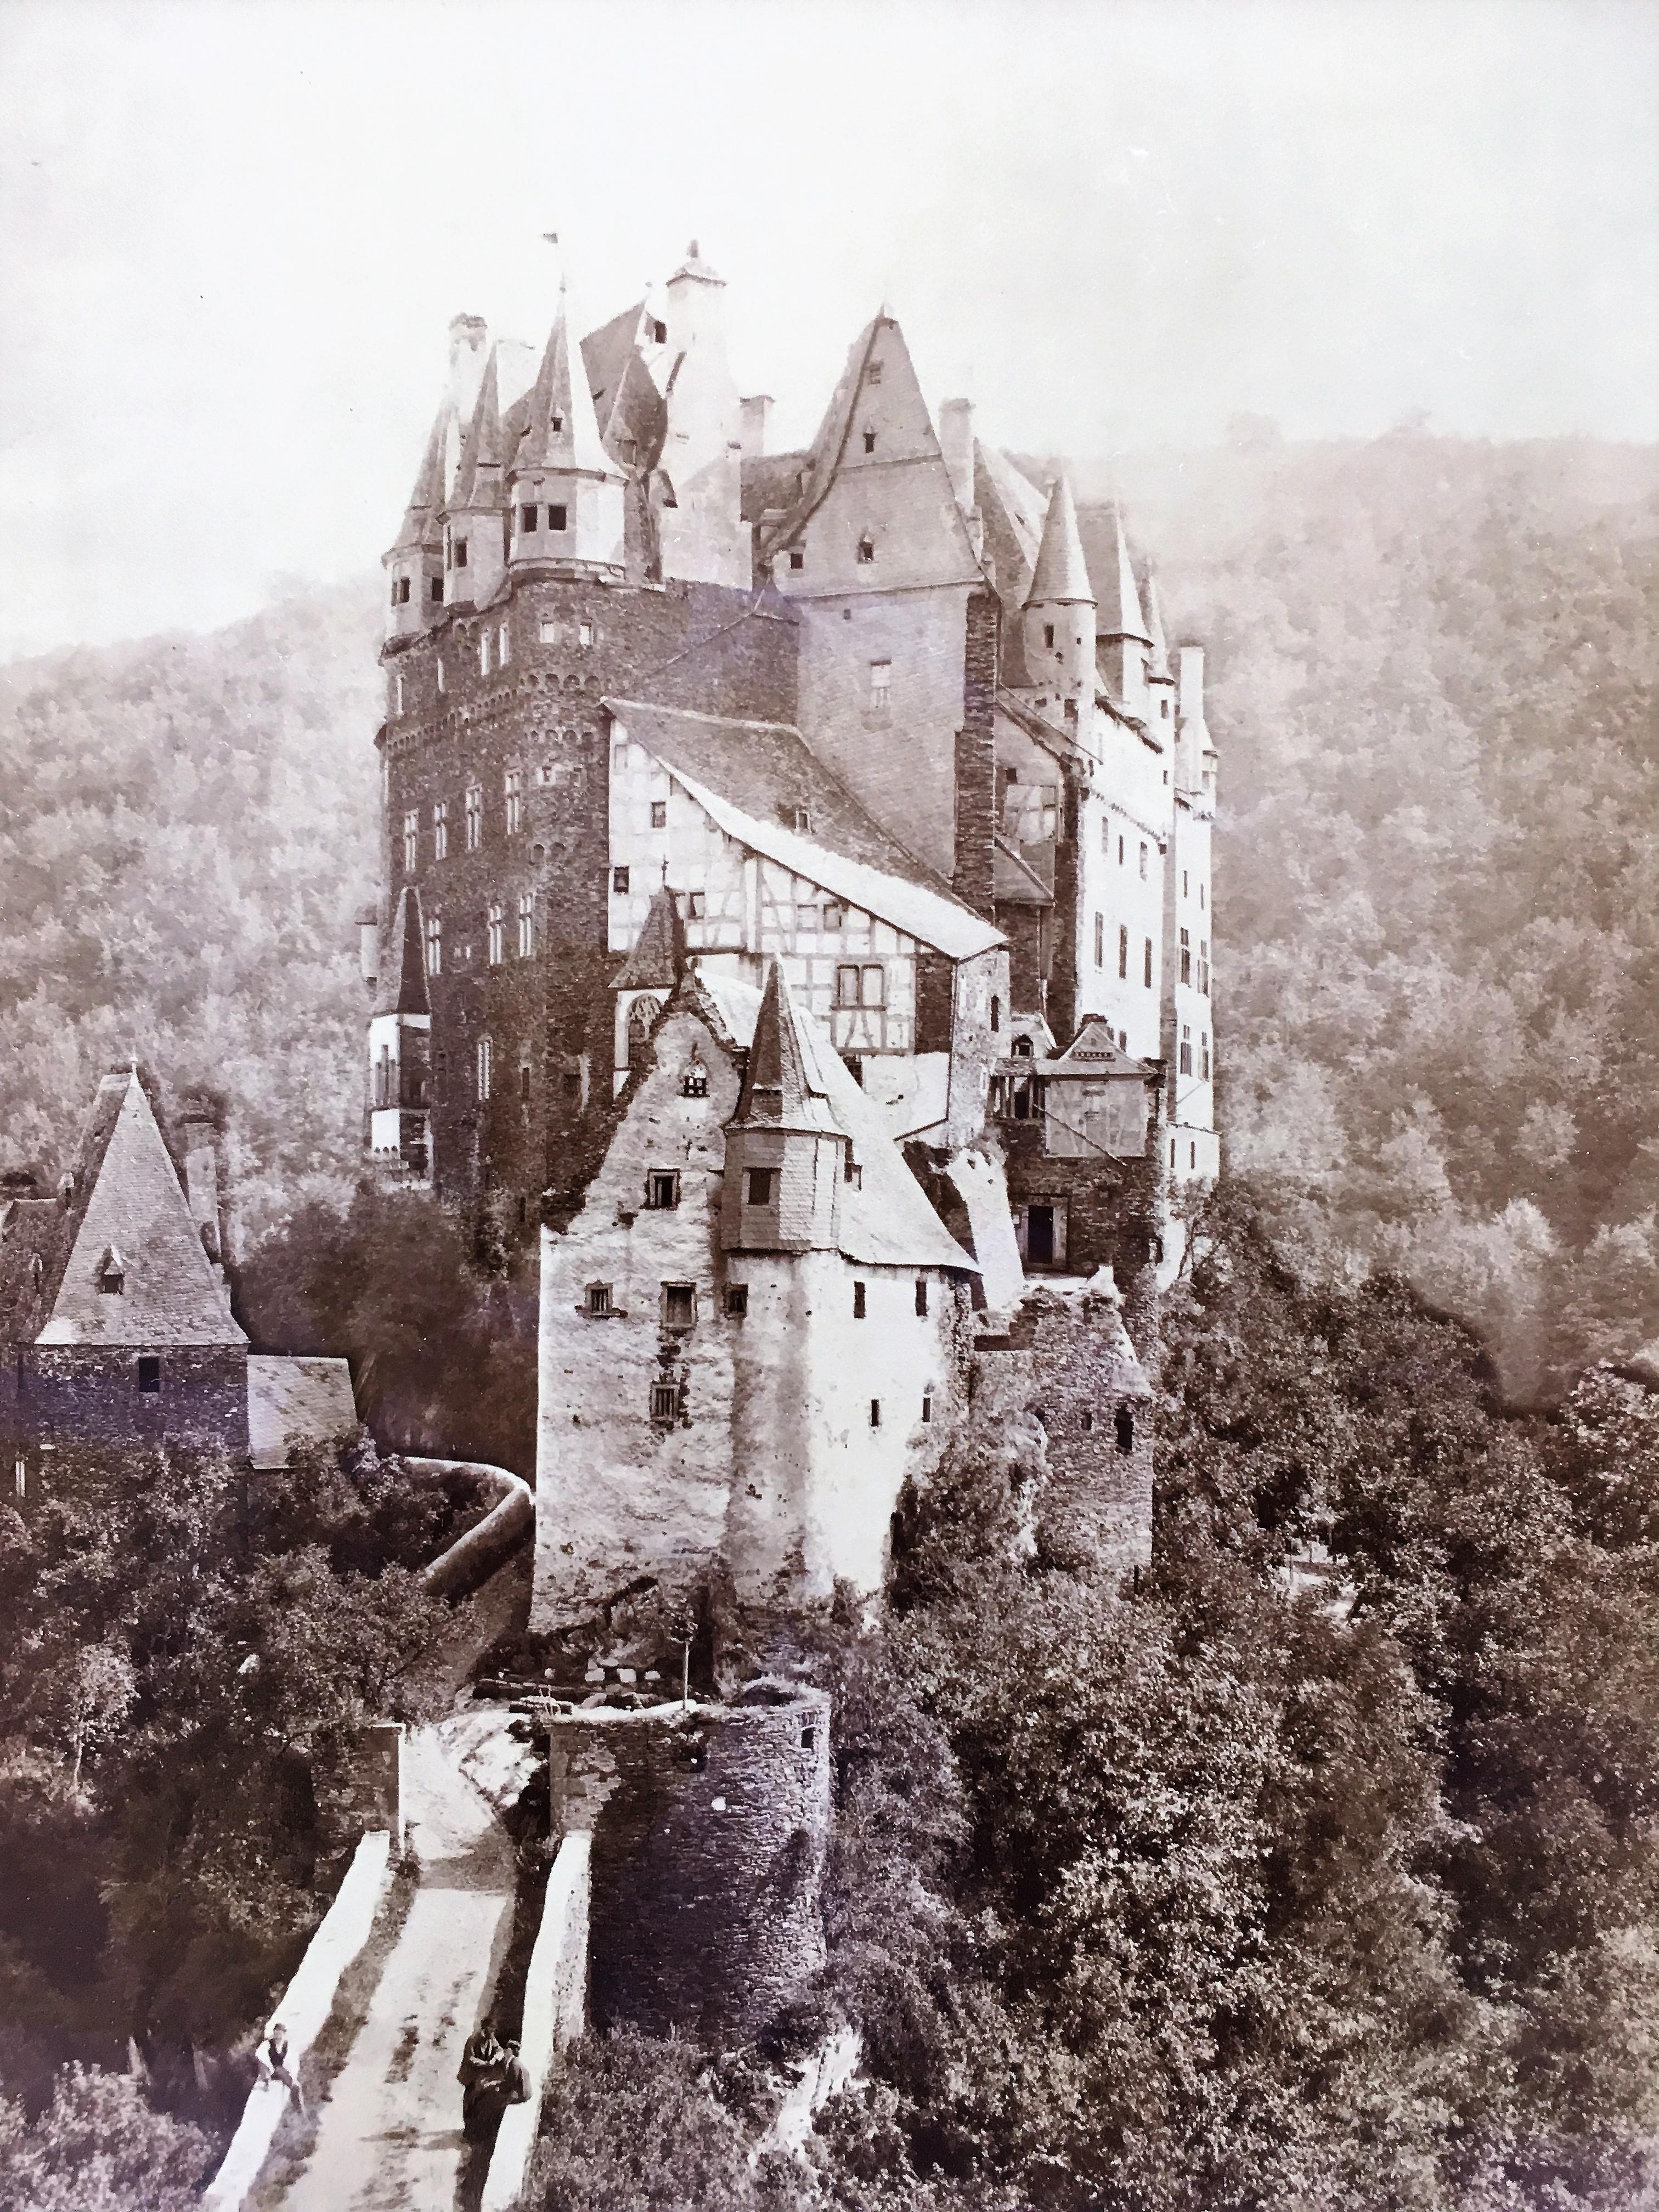 Schloss_Elz%2C_c._1860_IMG_4534a.jpg